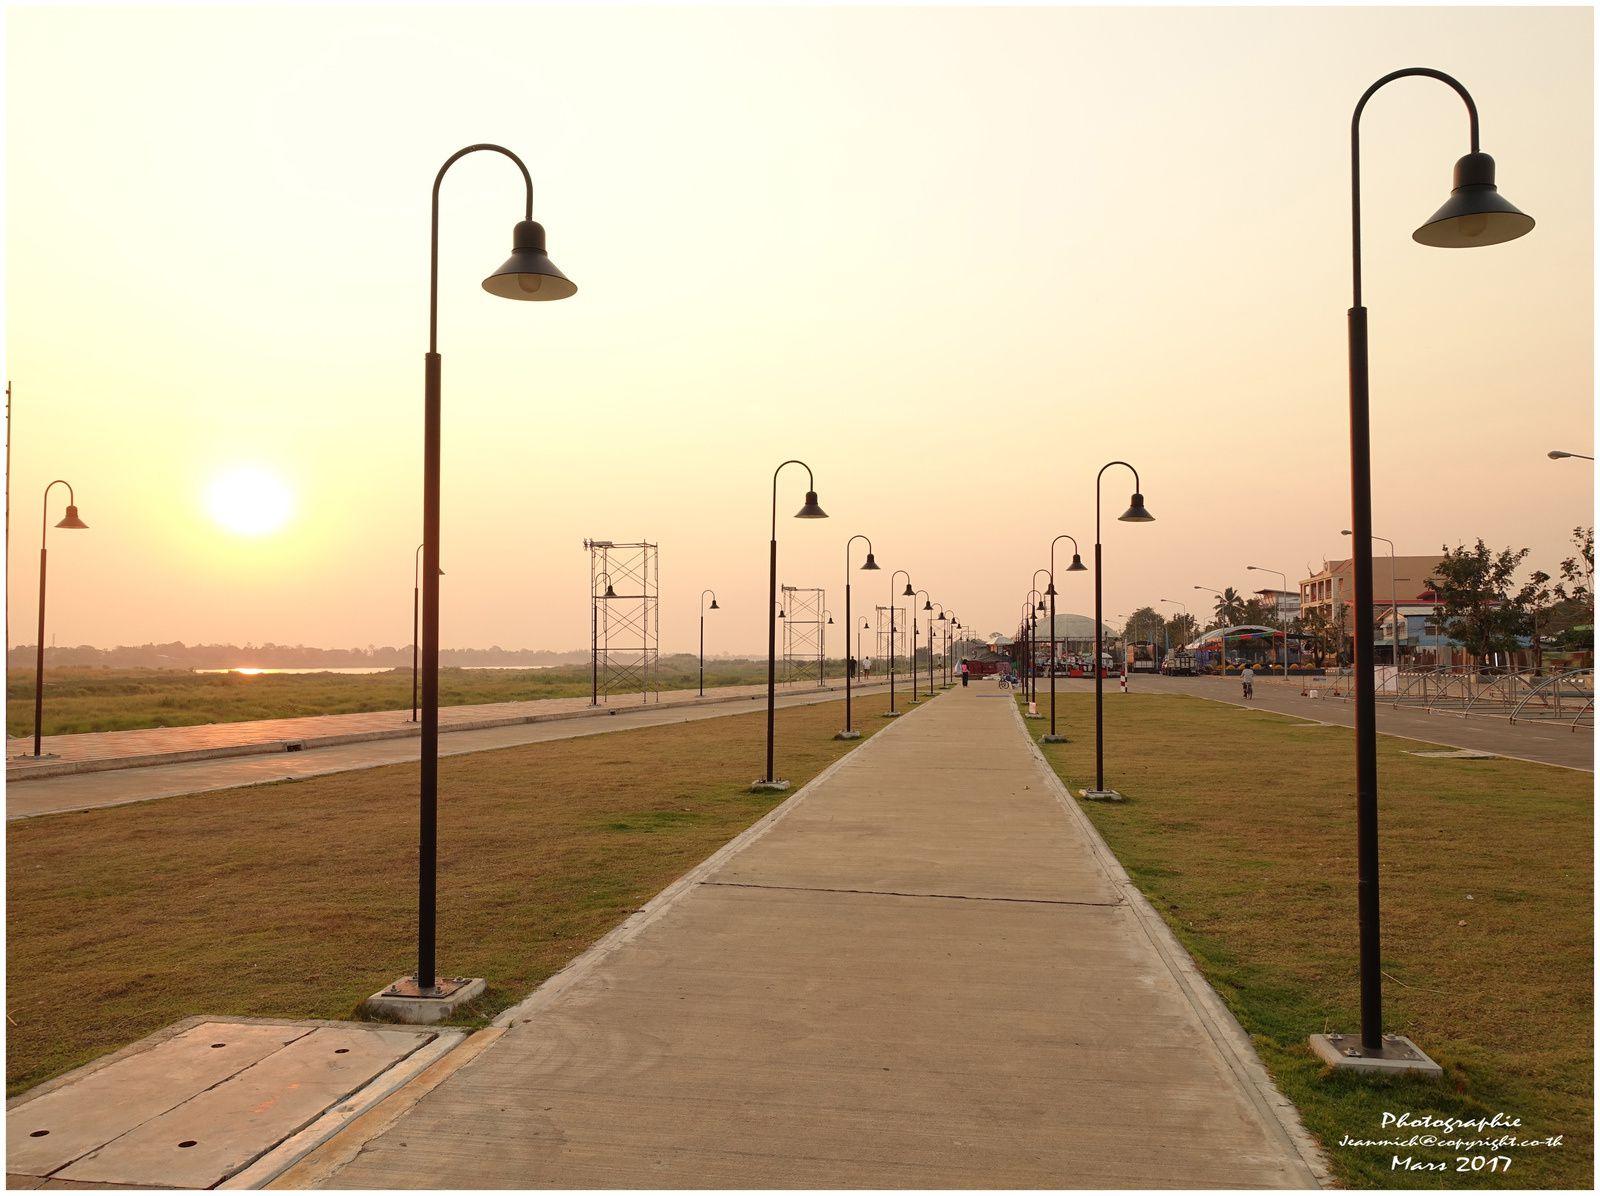 Les premières lueurs matinales du côté de Bueng Kan (extrême Nord-Est du pays)